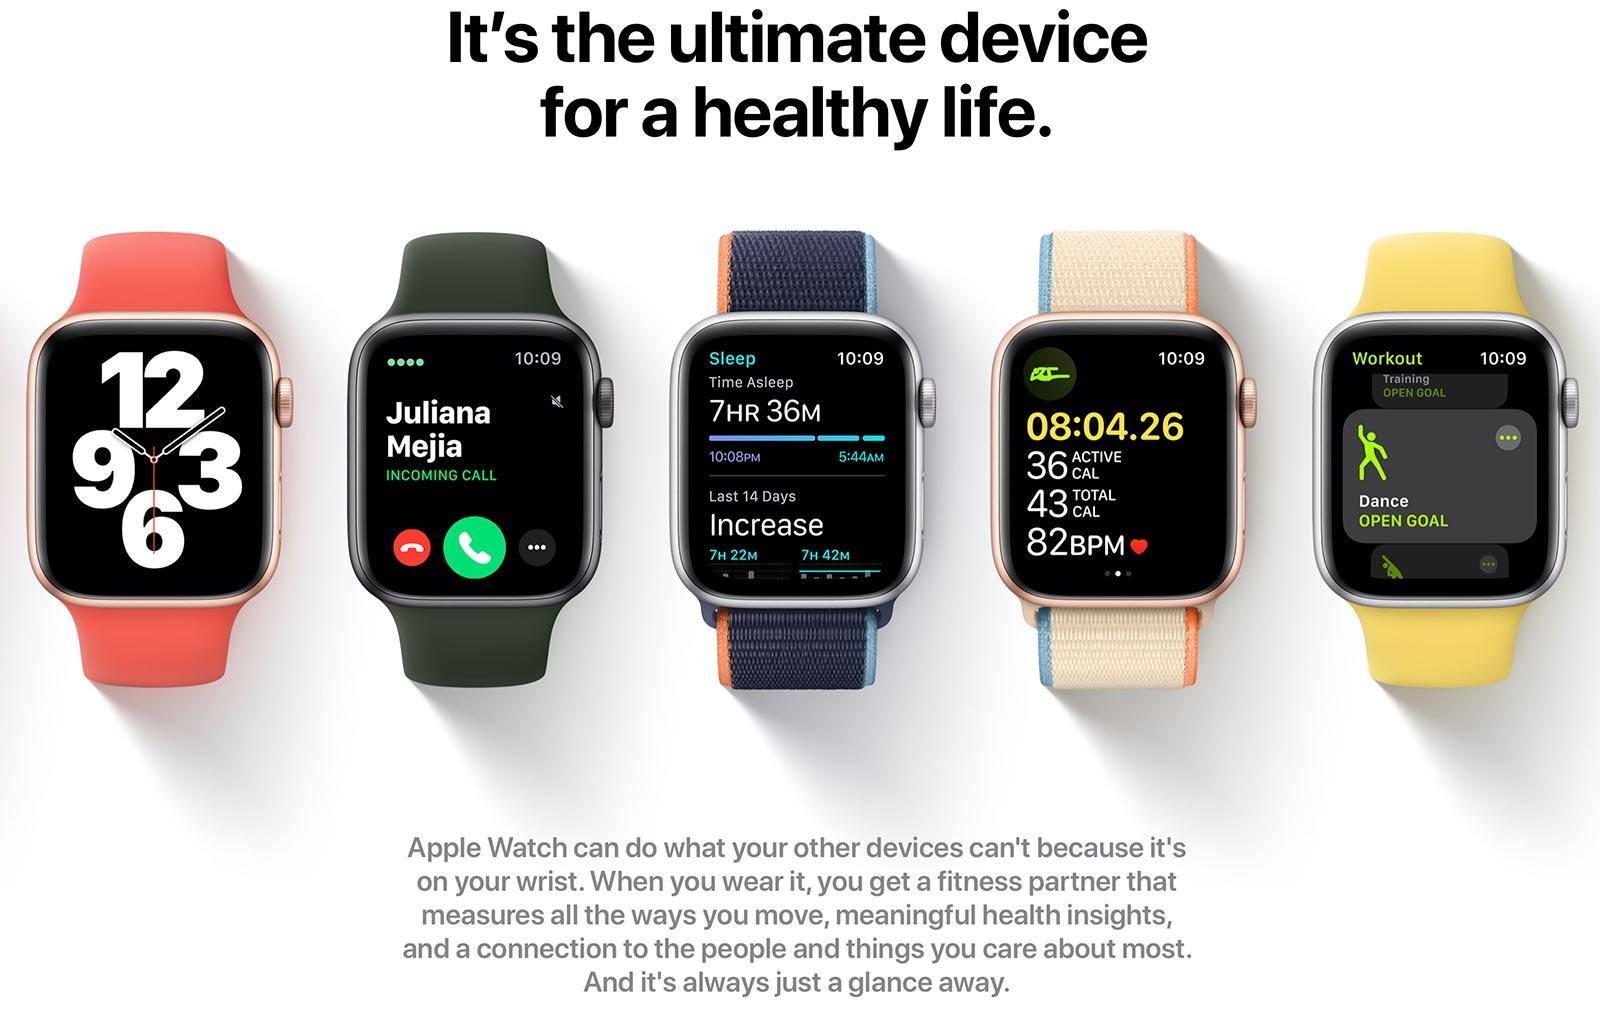 Page produit Apple Watch, avec le titre: C'est l'appareil ultime pour une vie saine.